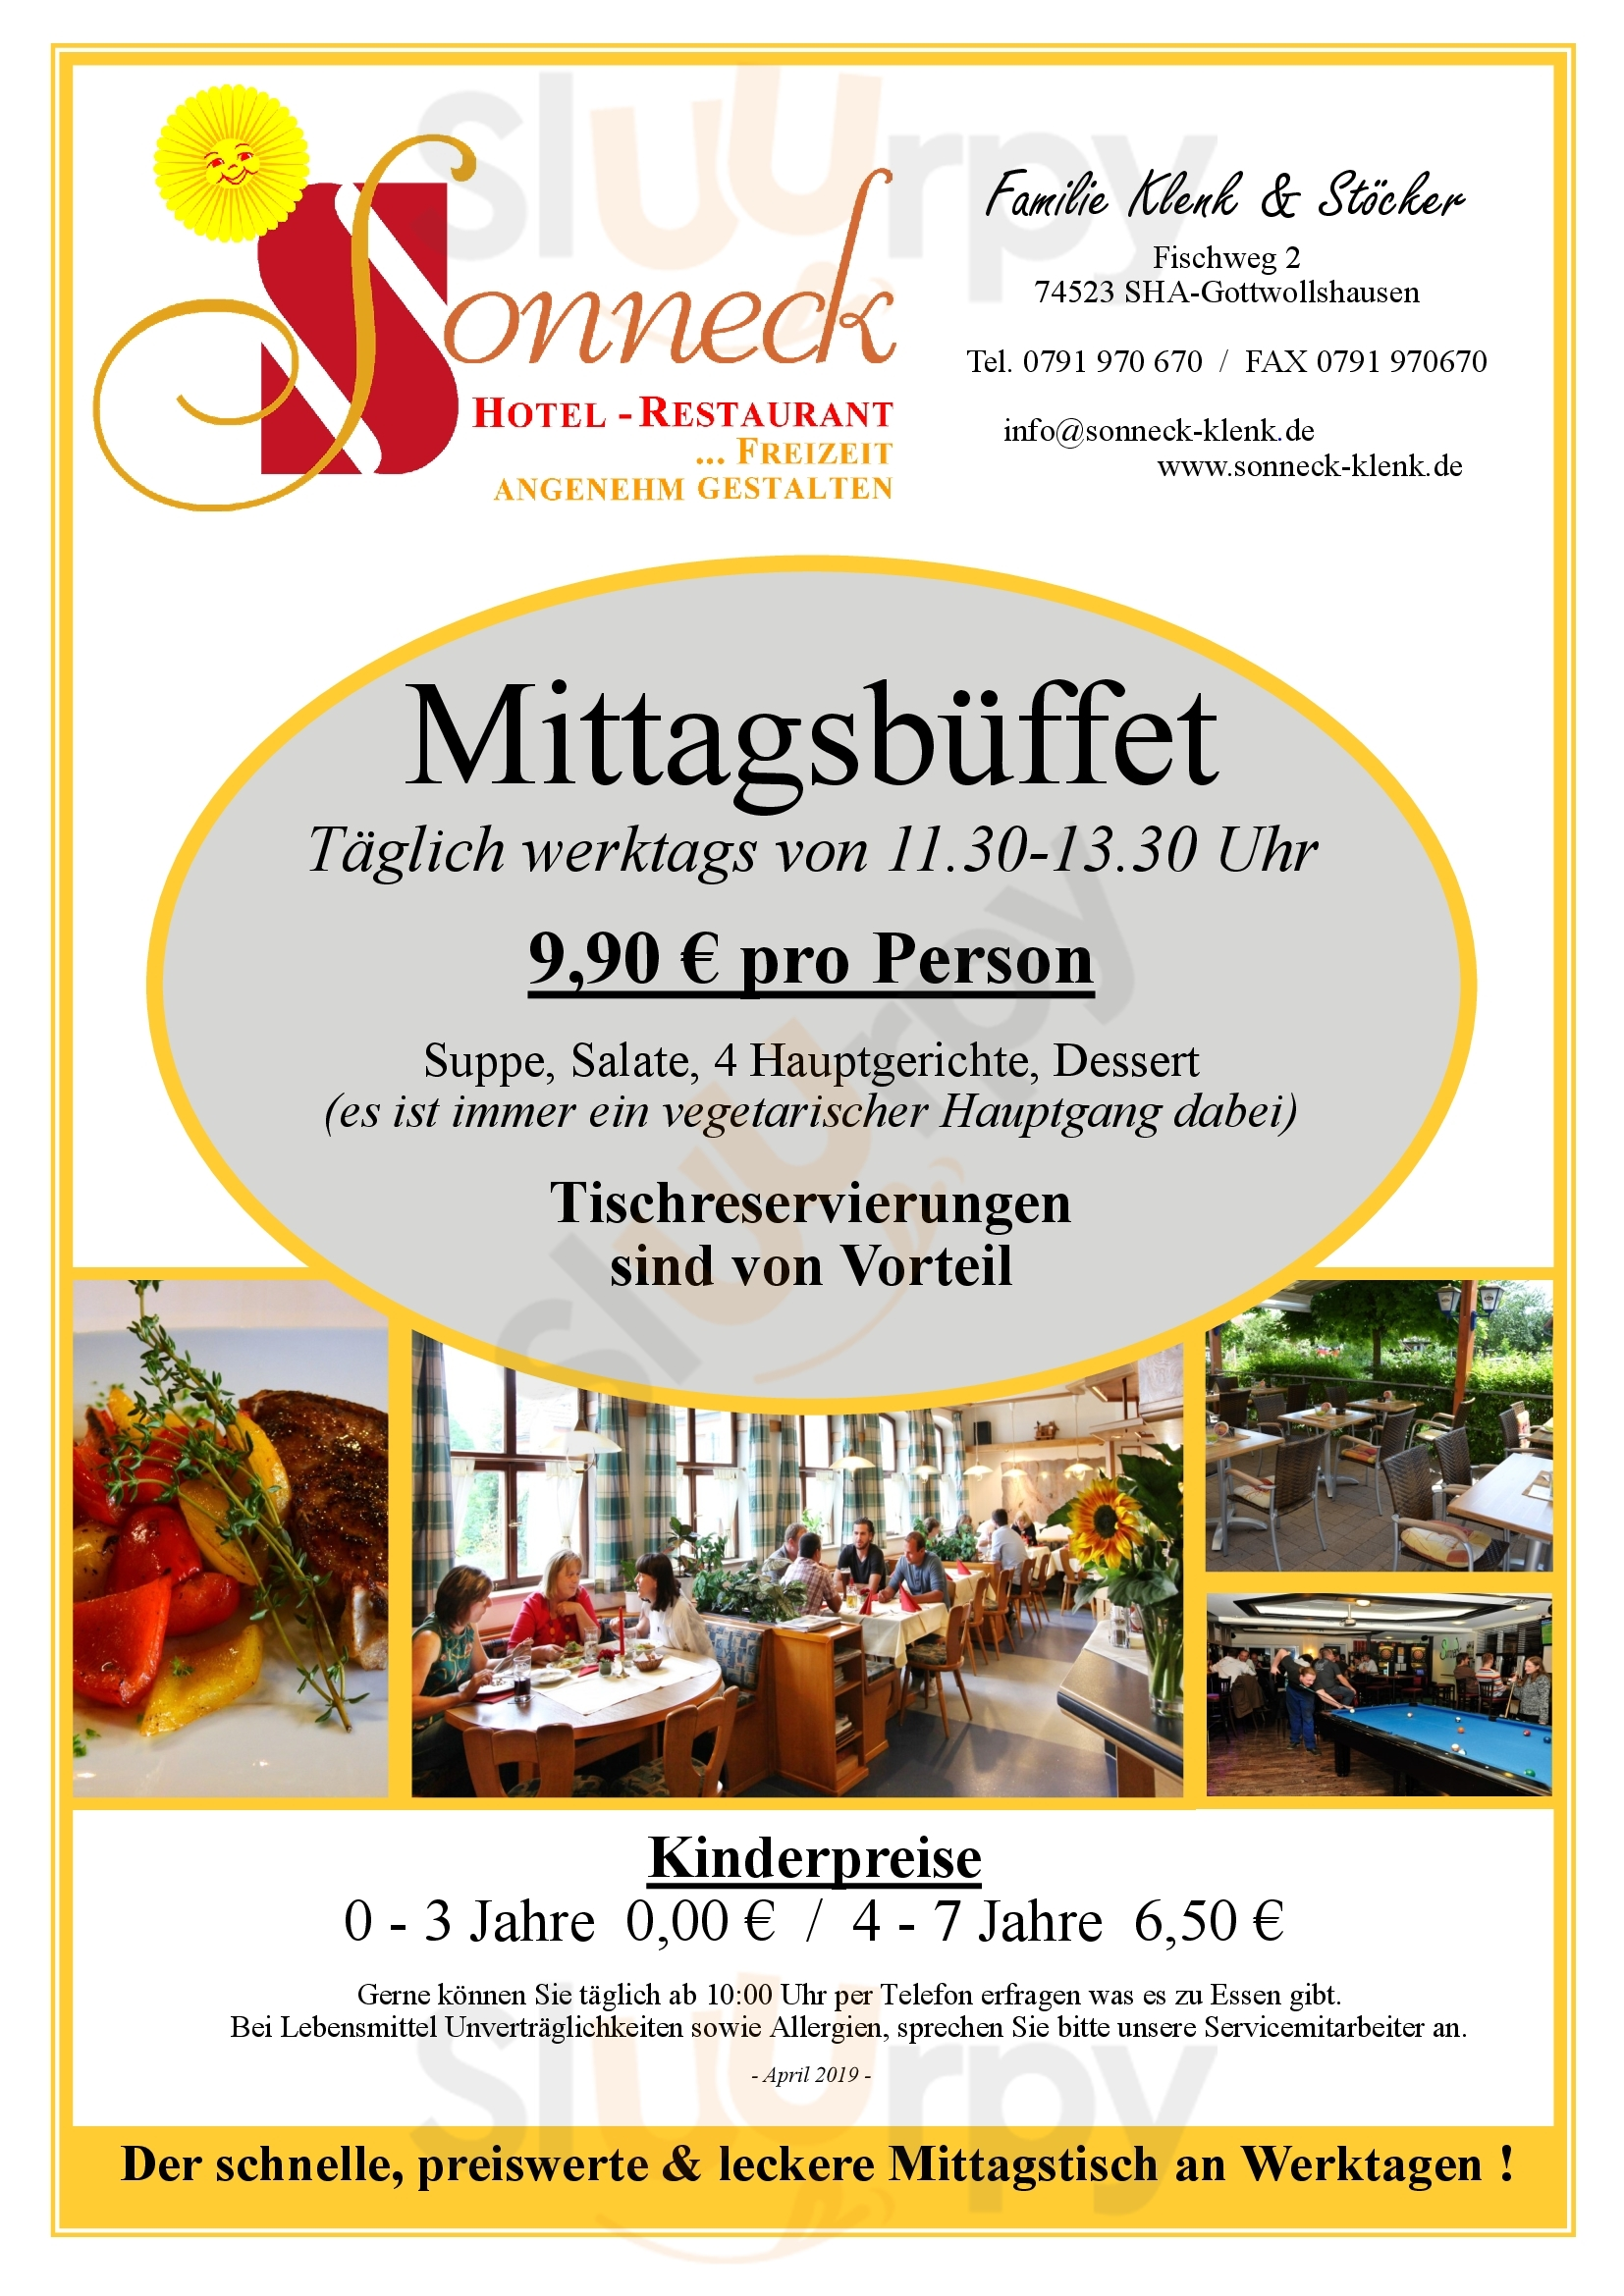 Sonneck Restaurant Schwäbisch Hall Menu - 1